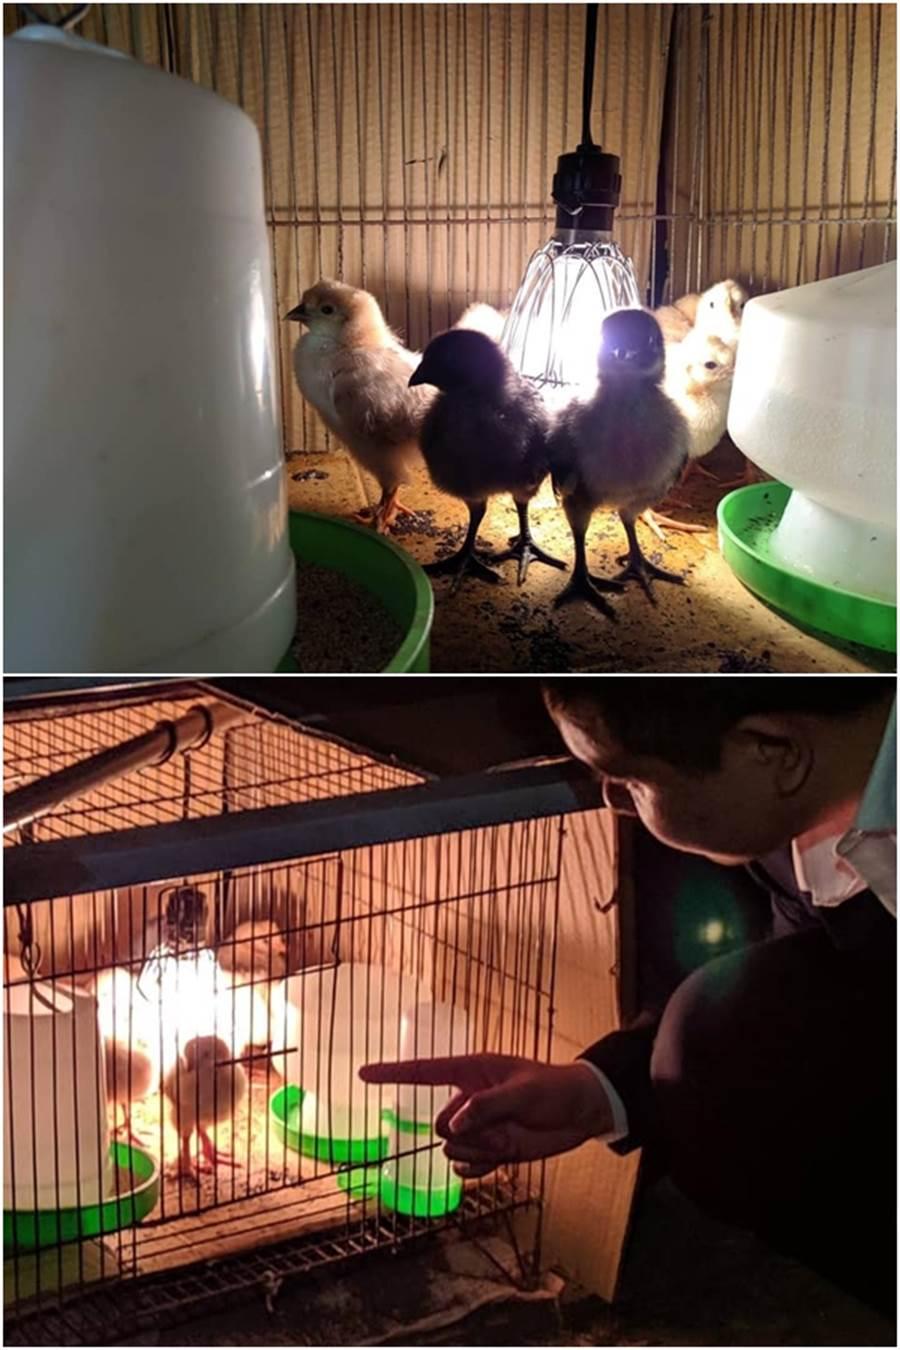 9隻雞寶寶已順利抵達雲林,他們花了好一陣子的時間,終於佈置完成教育農場的新家。(圖/摘自何庭歡FB)